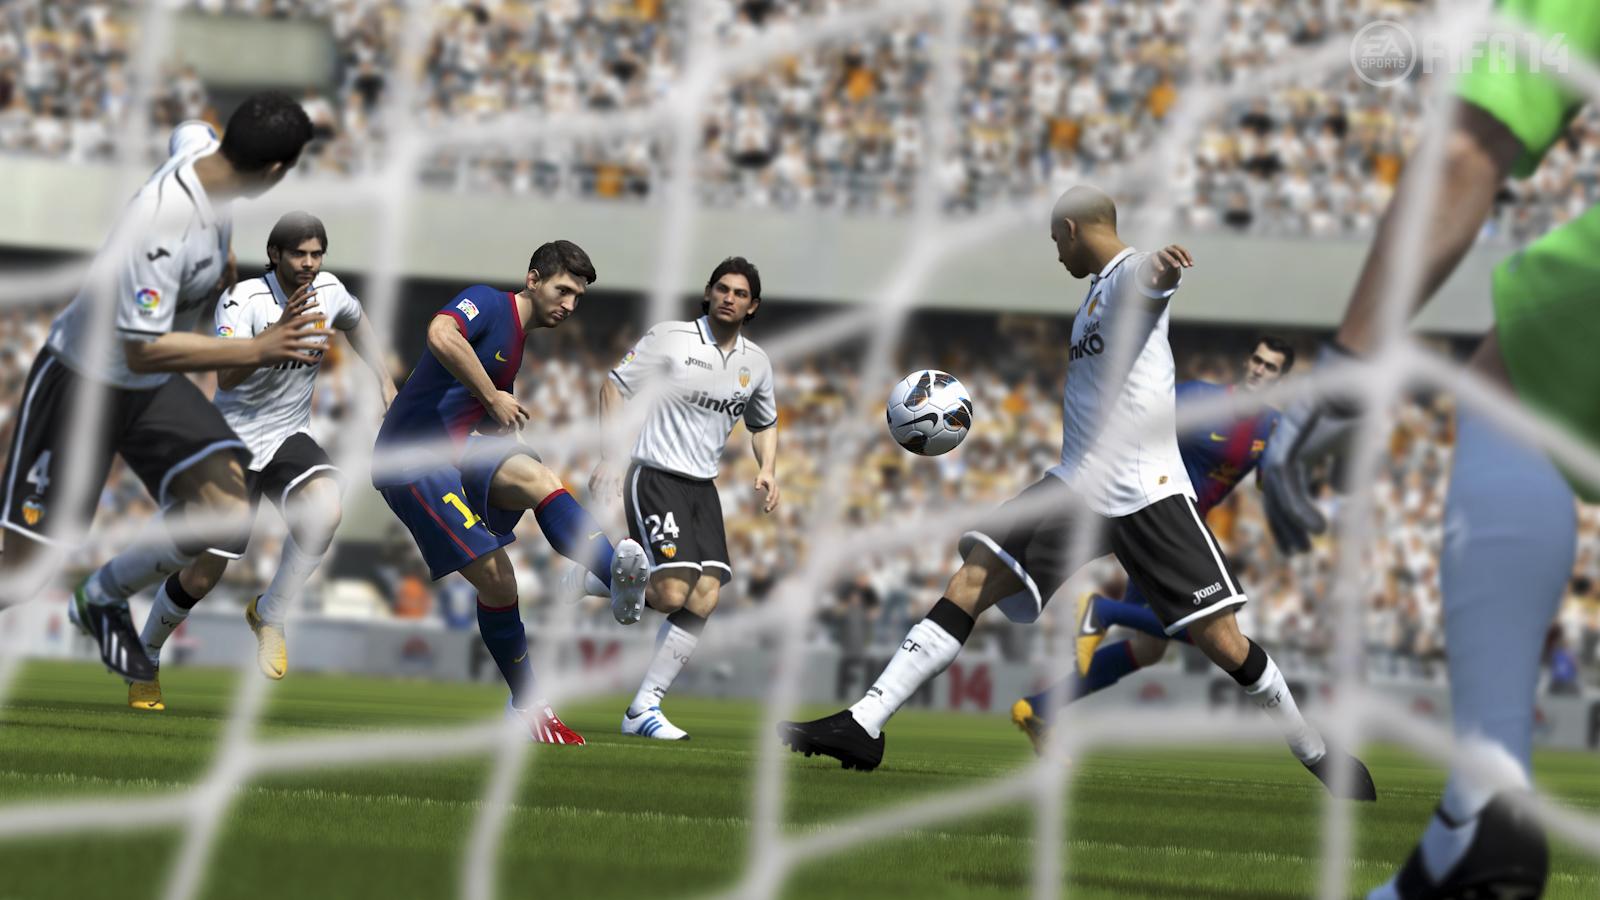 FIFA14_NG_SP_pure_shot_WM